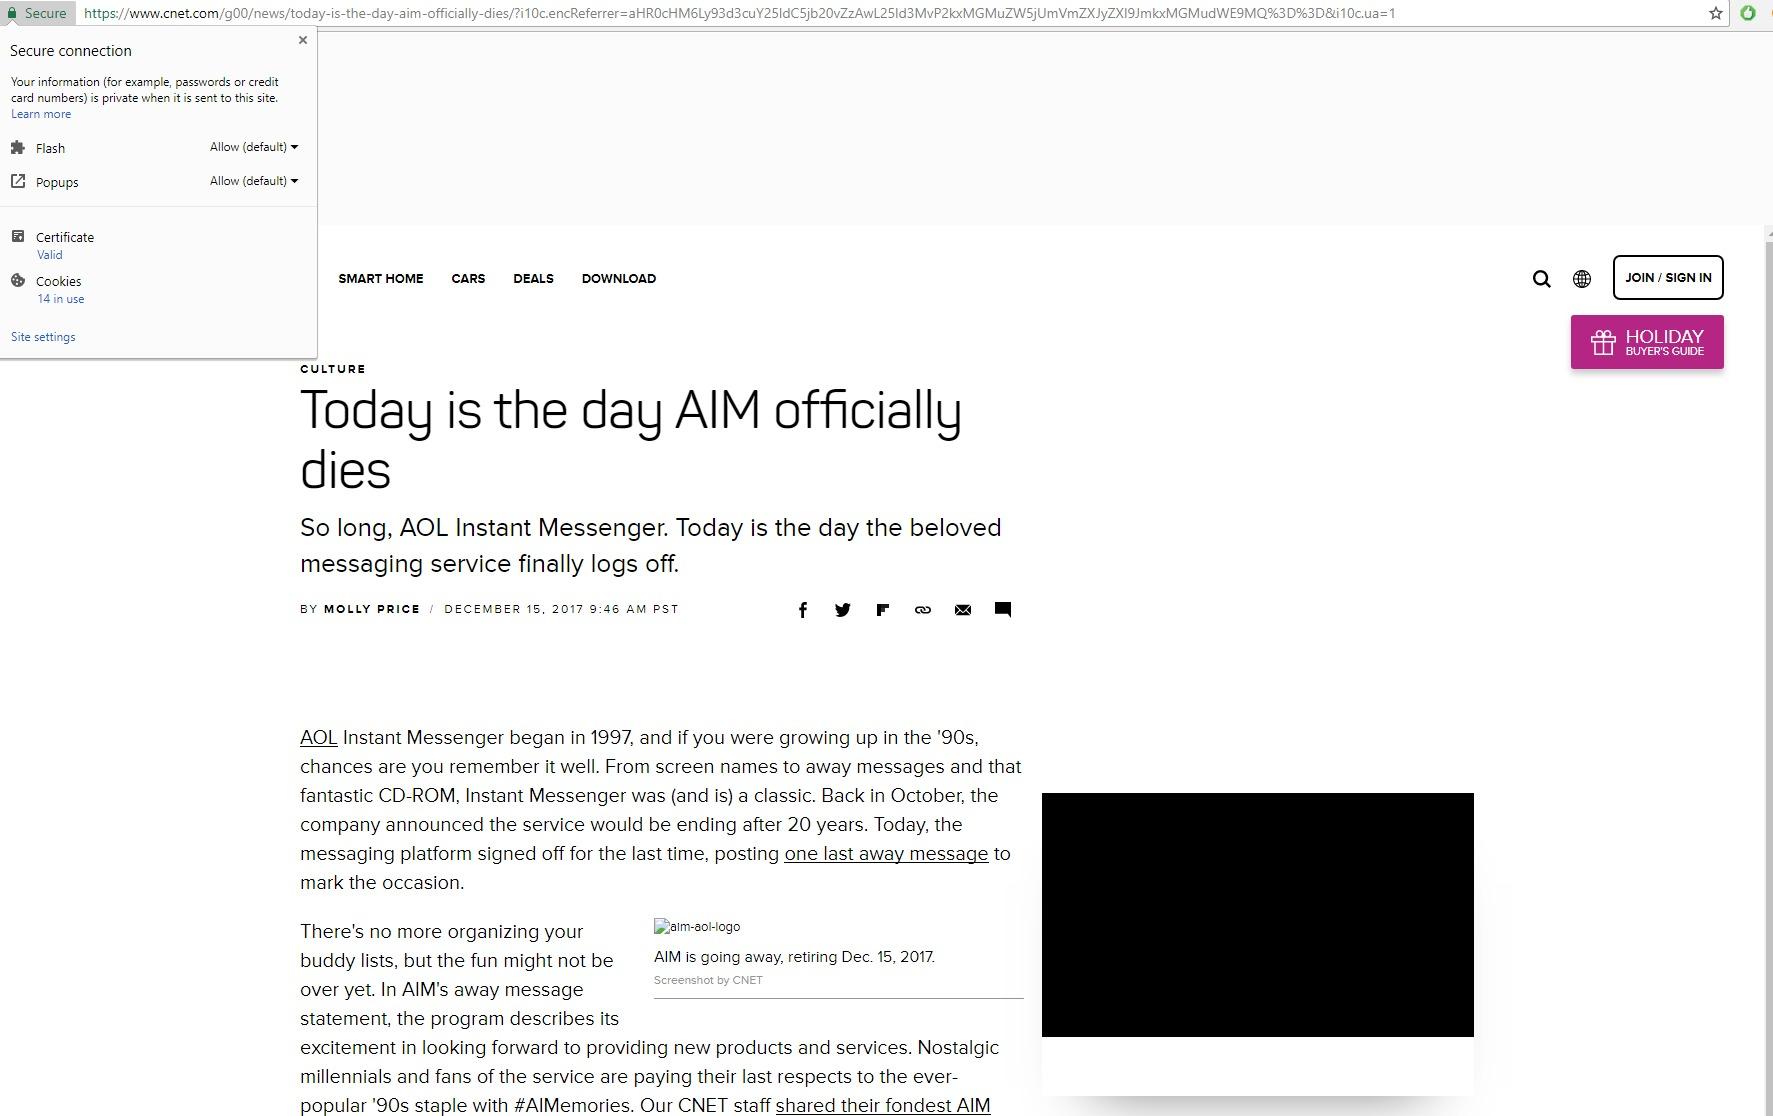 흥미롭게도, 크롬 버전 64는 몇몇 주요 웹 사이트에서도 광고 차단을 기본으로 설정해놓았다.